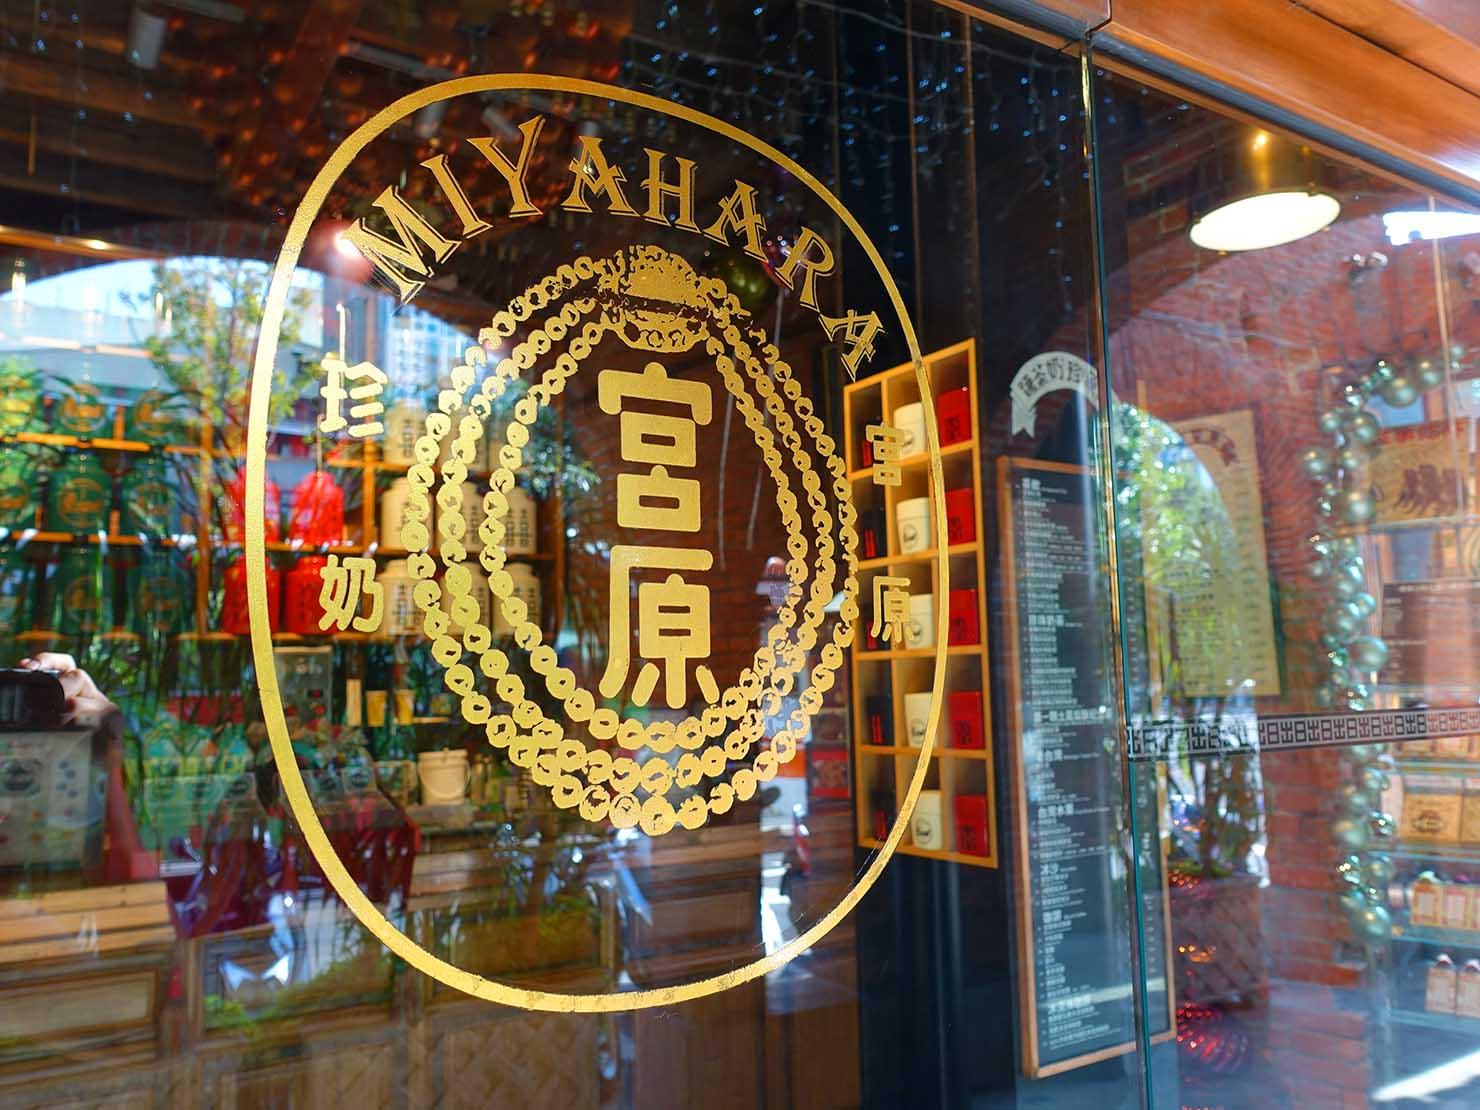 台中観光のおすすめスポット「宮原眼科」のロゴ